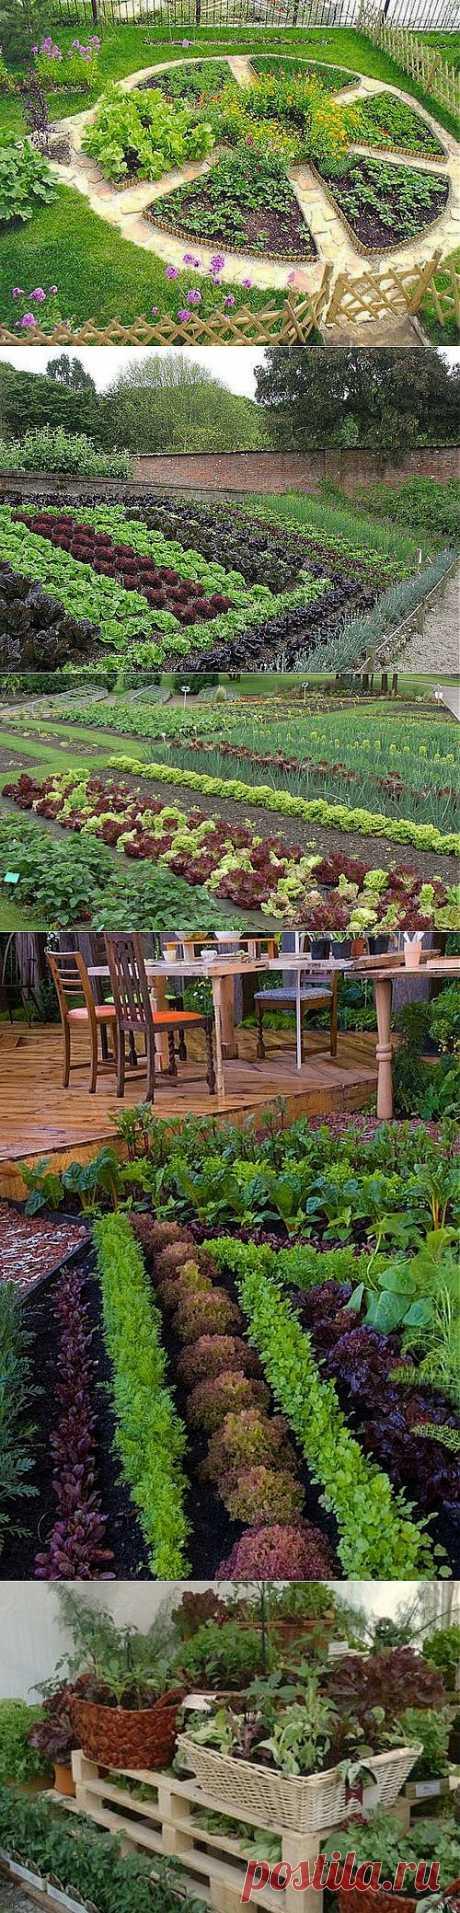 Декоративный огород: как сделать красивые грядки на участке.